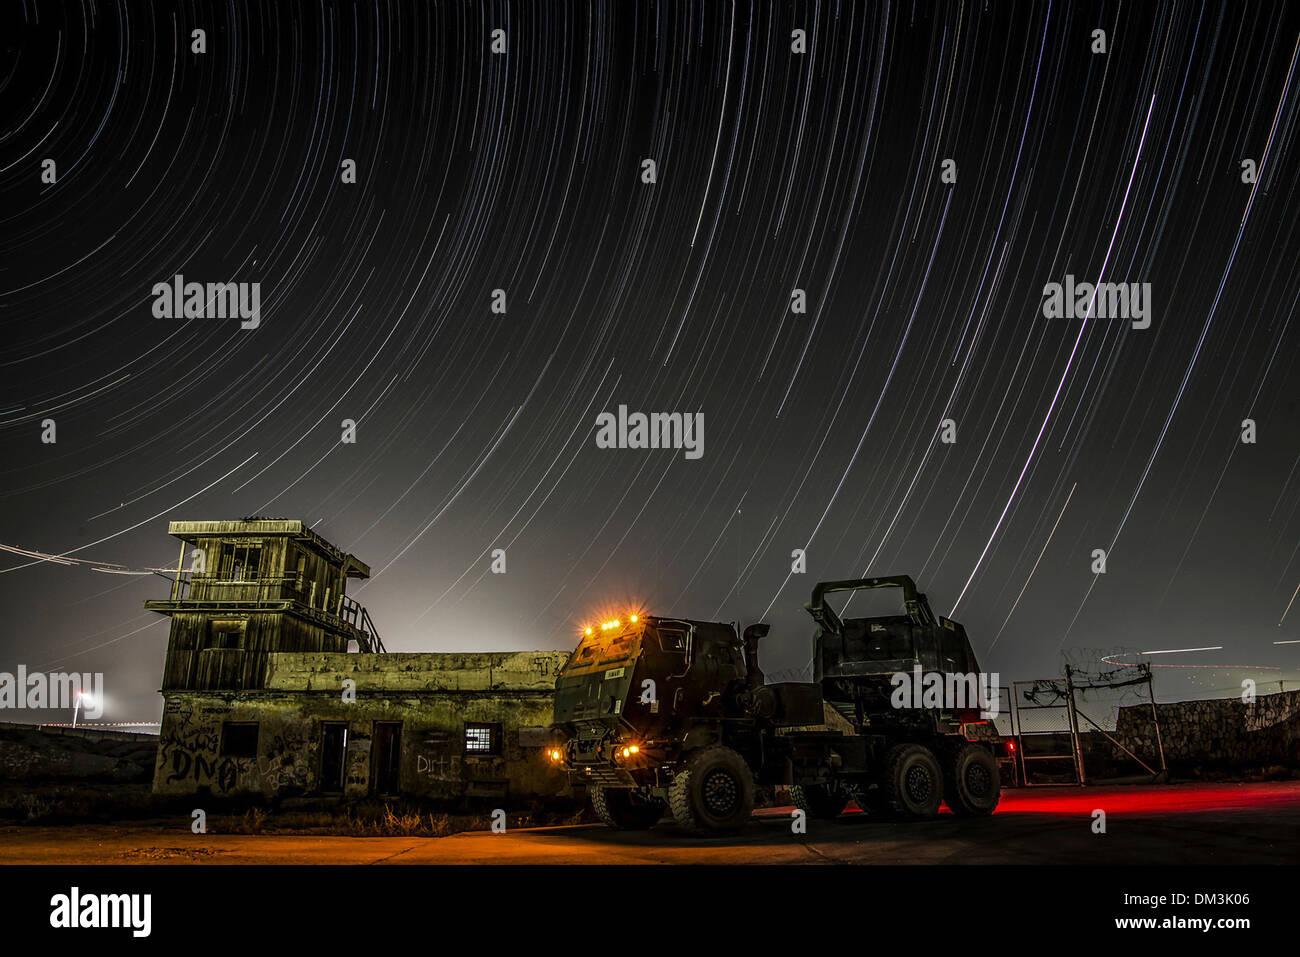 Sterne-Trail über den Nachthimmel Afghanistan in einem Zeitraffer-Foto mit einem hohen Mobilität Artillerie Raketen System an einem unbekannten Ort in Afghanistan. Stockbild